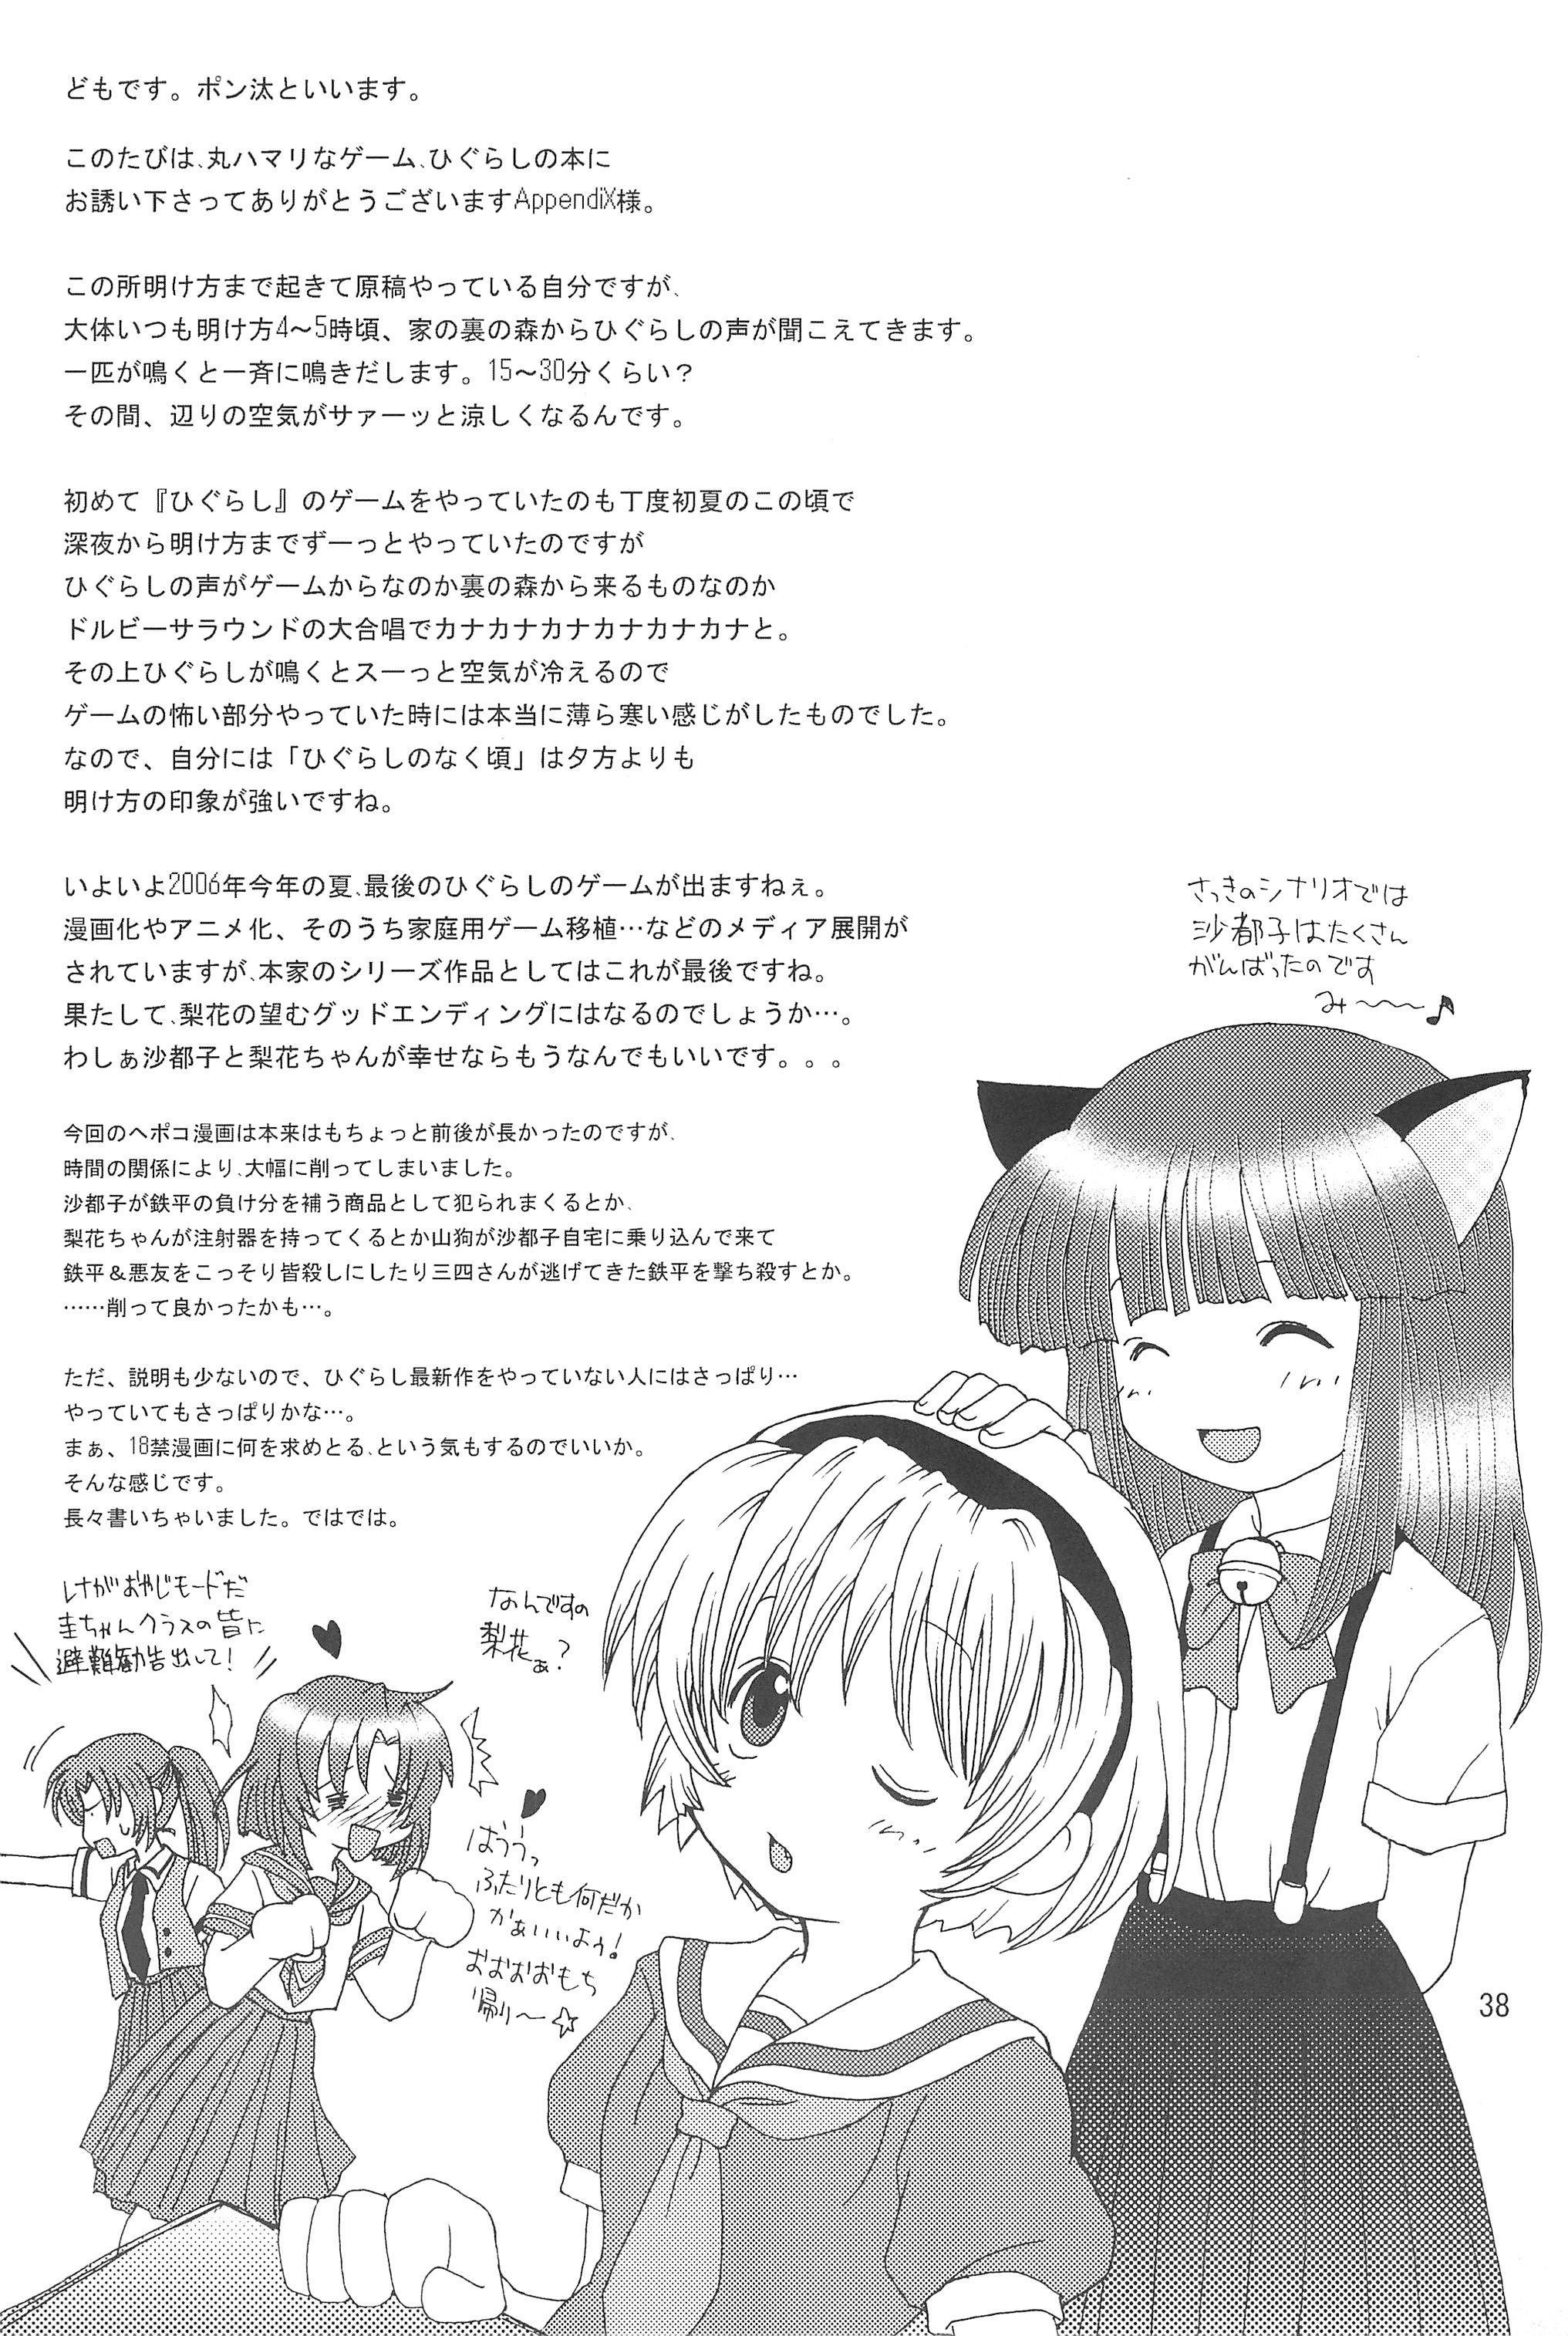 (C73) [Yakou Yousei (Mizuki Yuu)] Higurashi no Koe, Ima wa Tae Kai - Onimawashi-hen (Higurashi no naku koro ni) 37